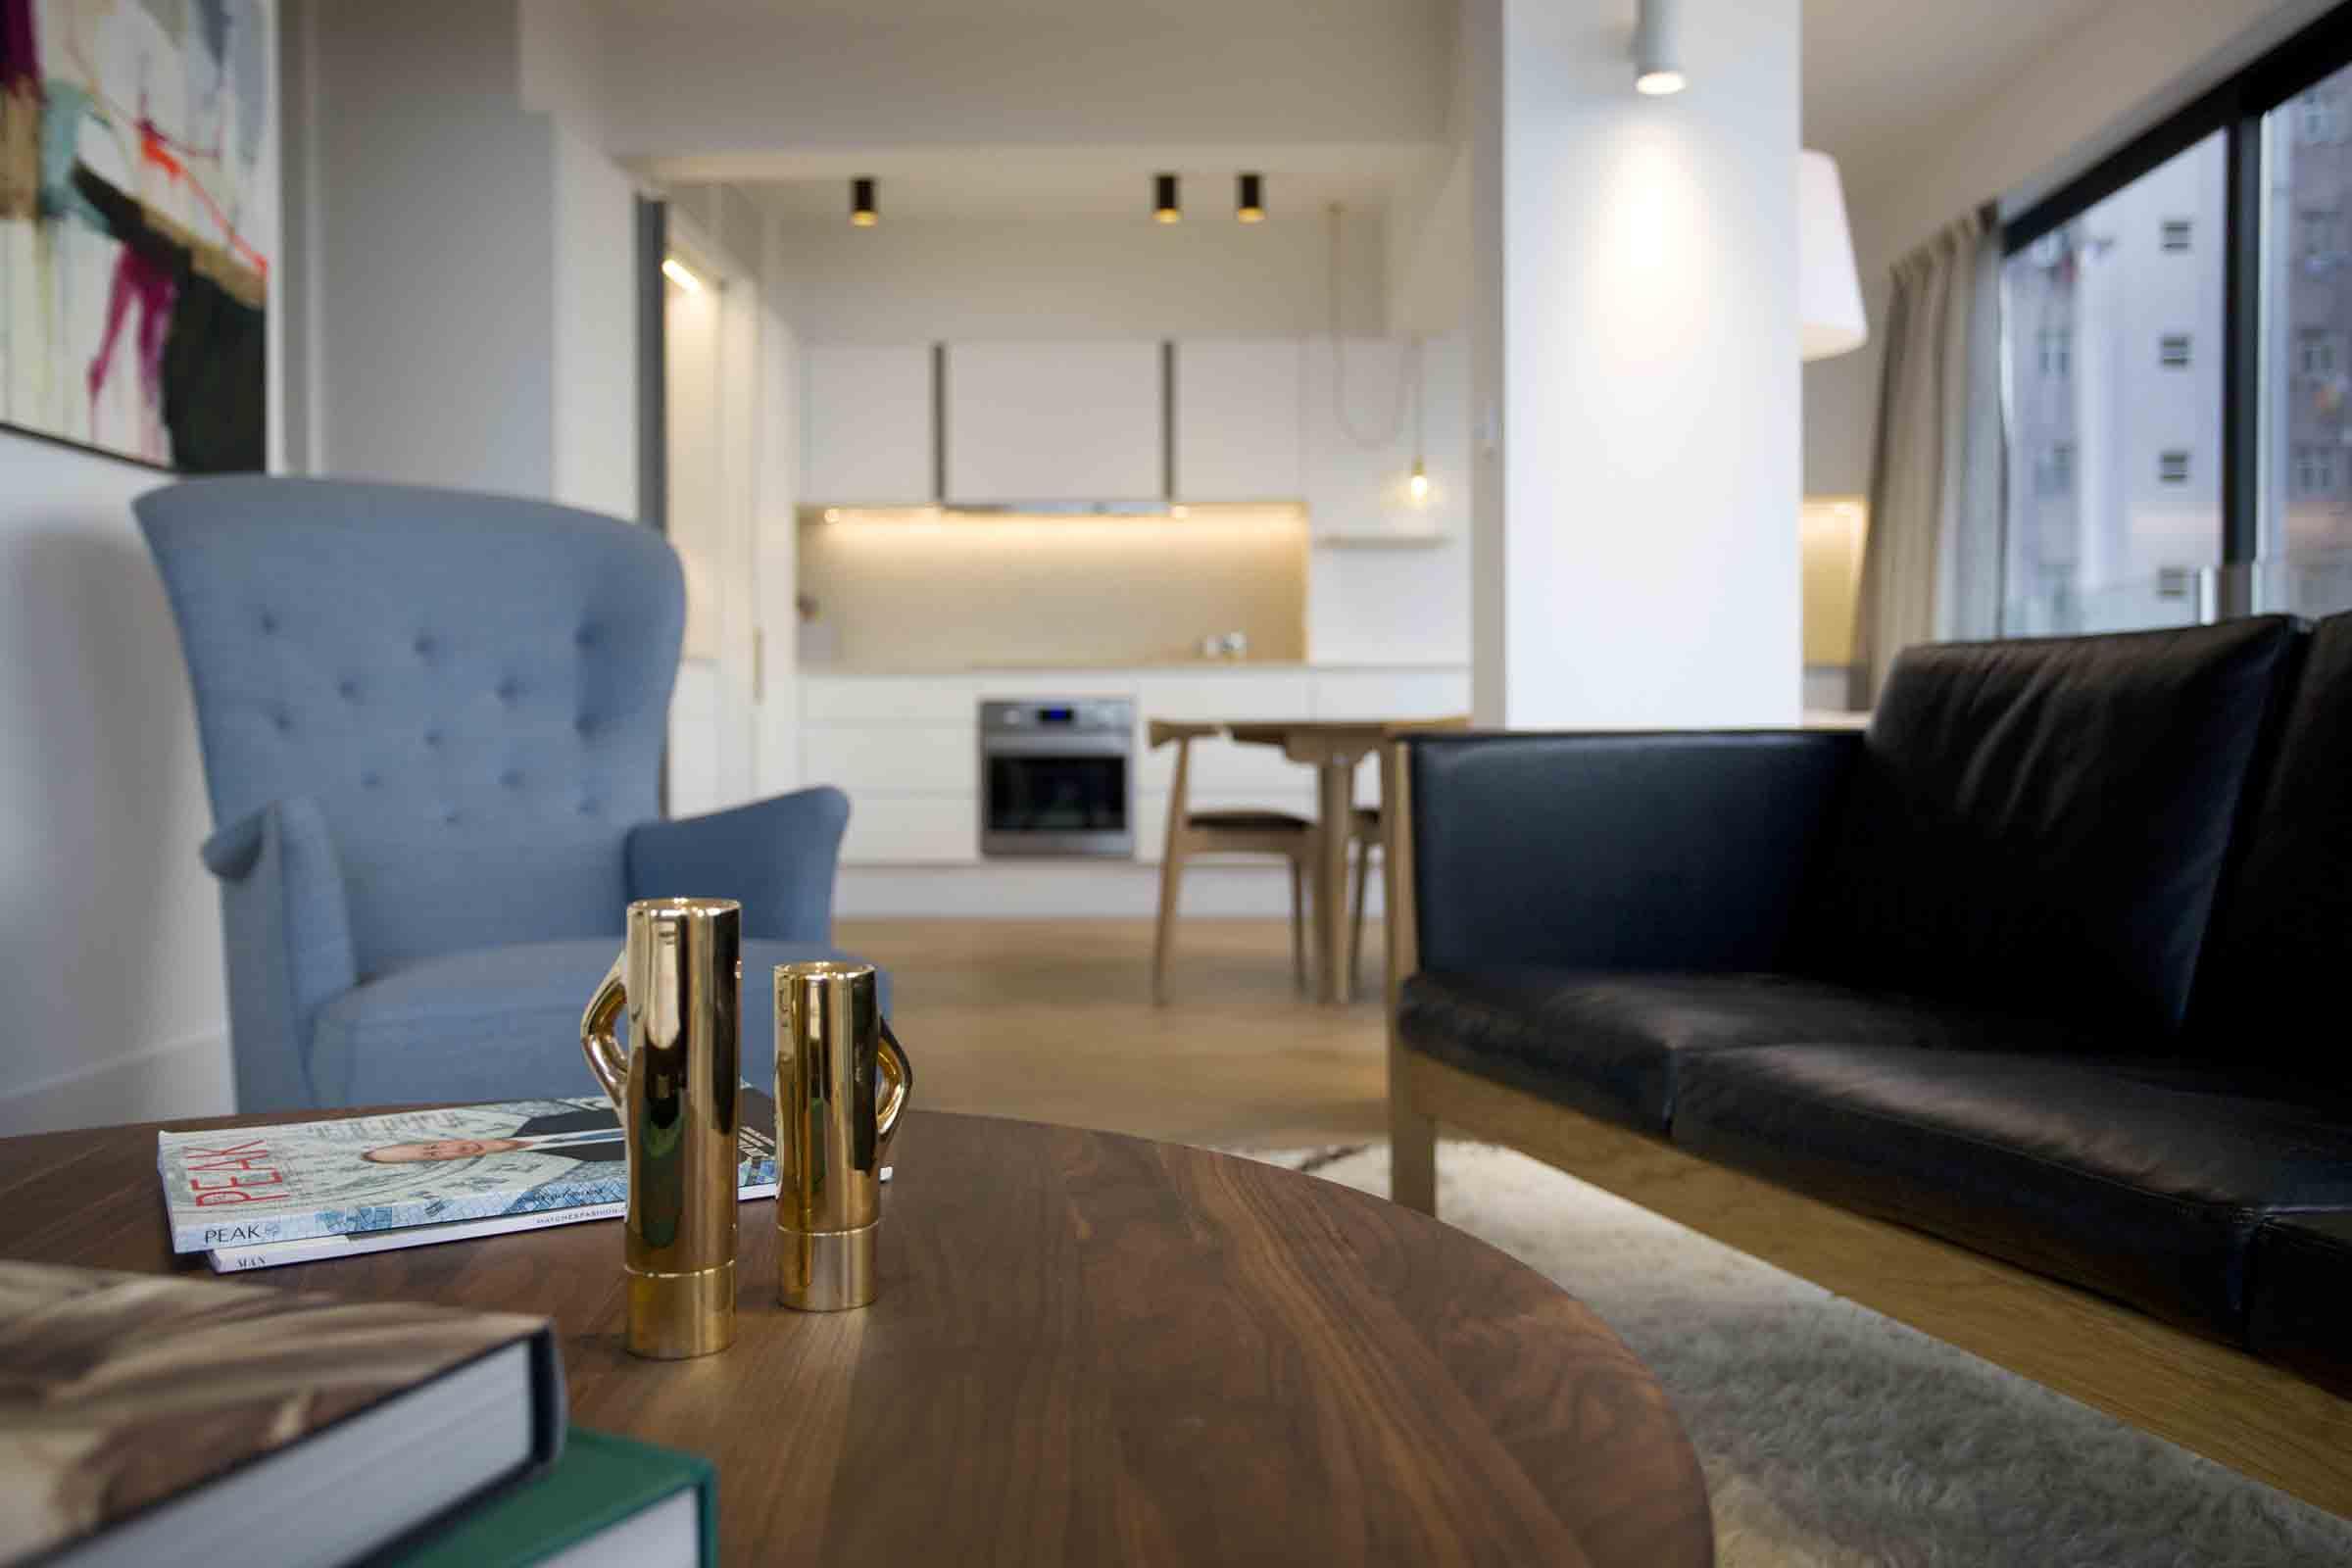 Carl Hansen furniture in a KTown apt. Image by Denice Hough-3.jpg